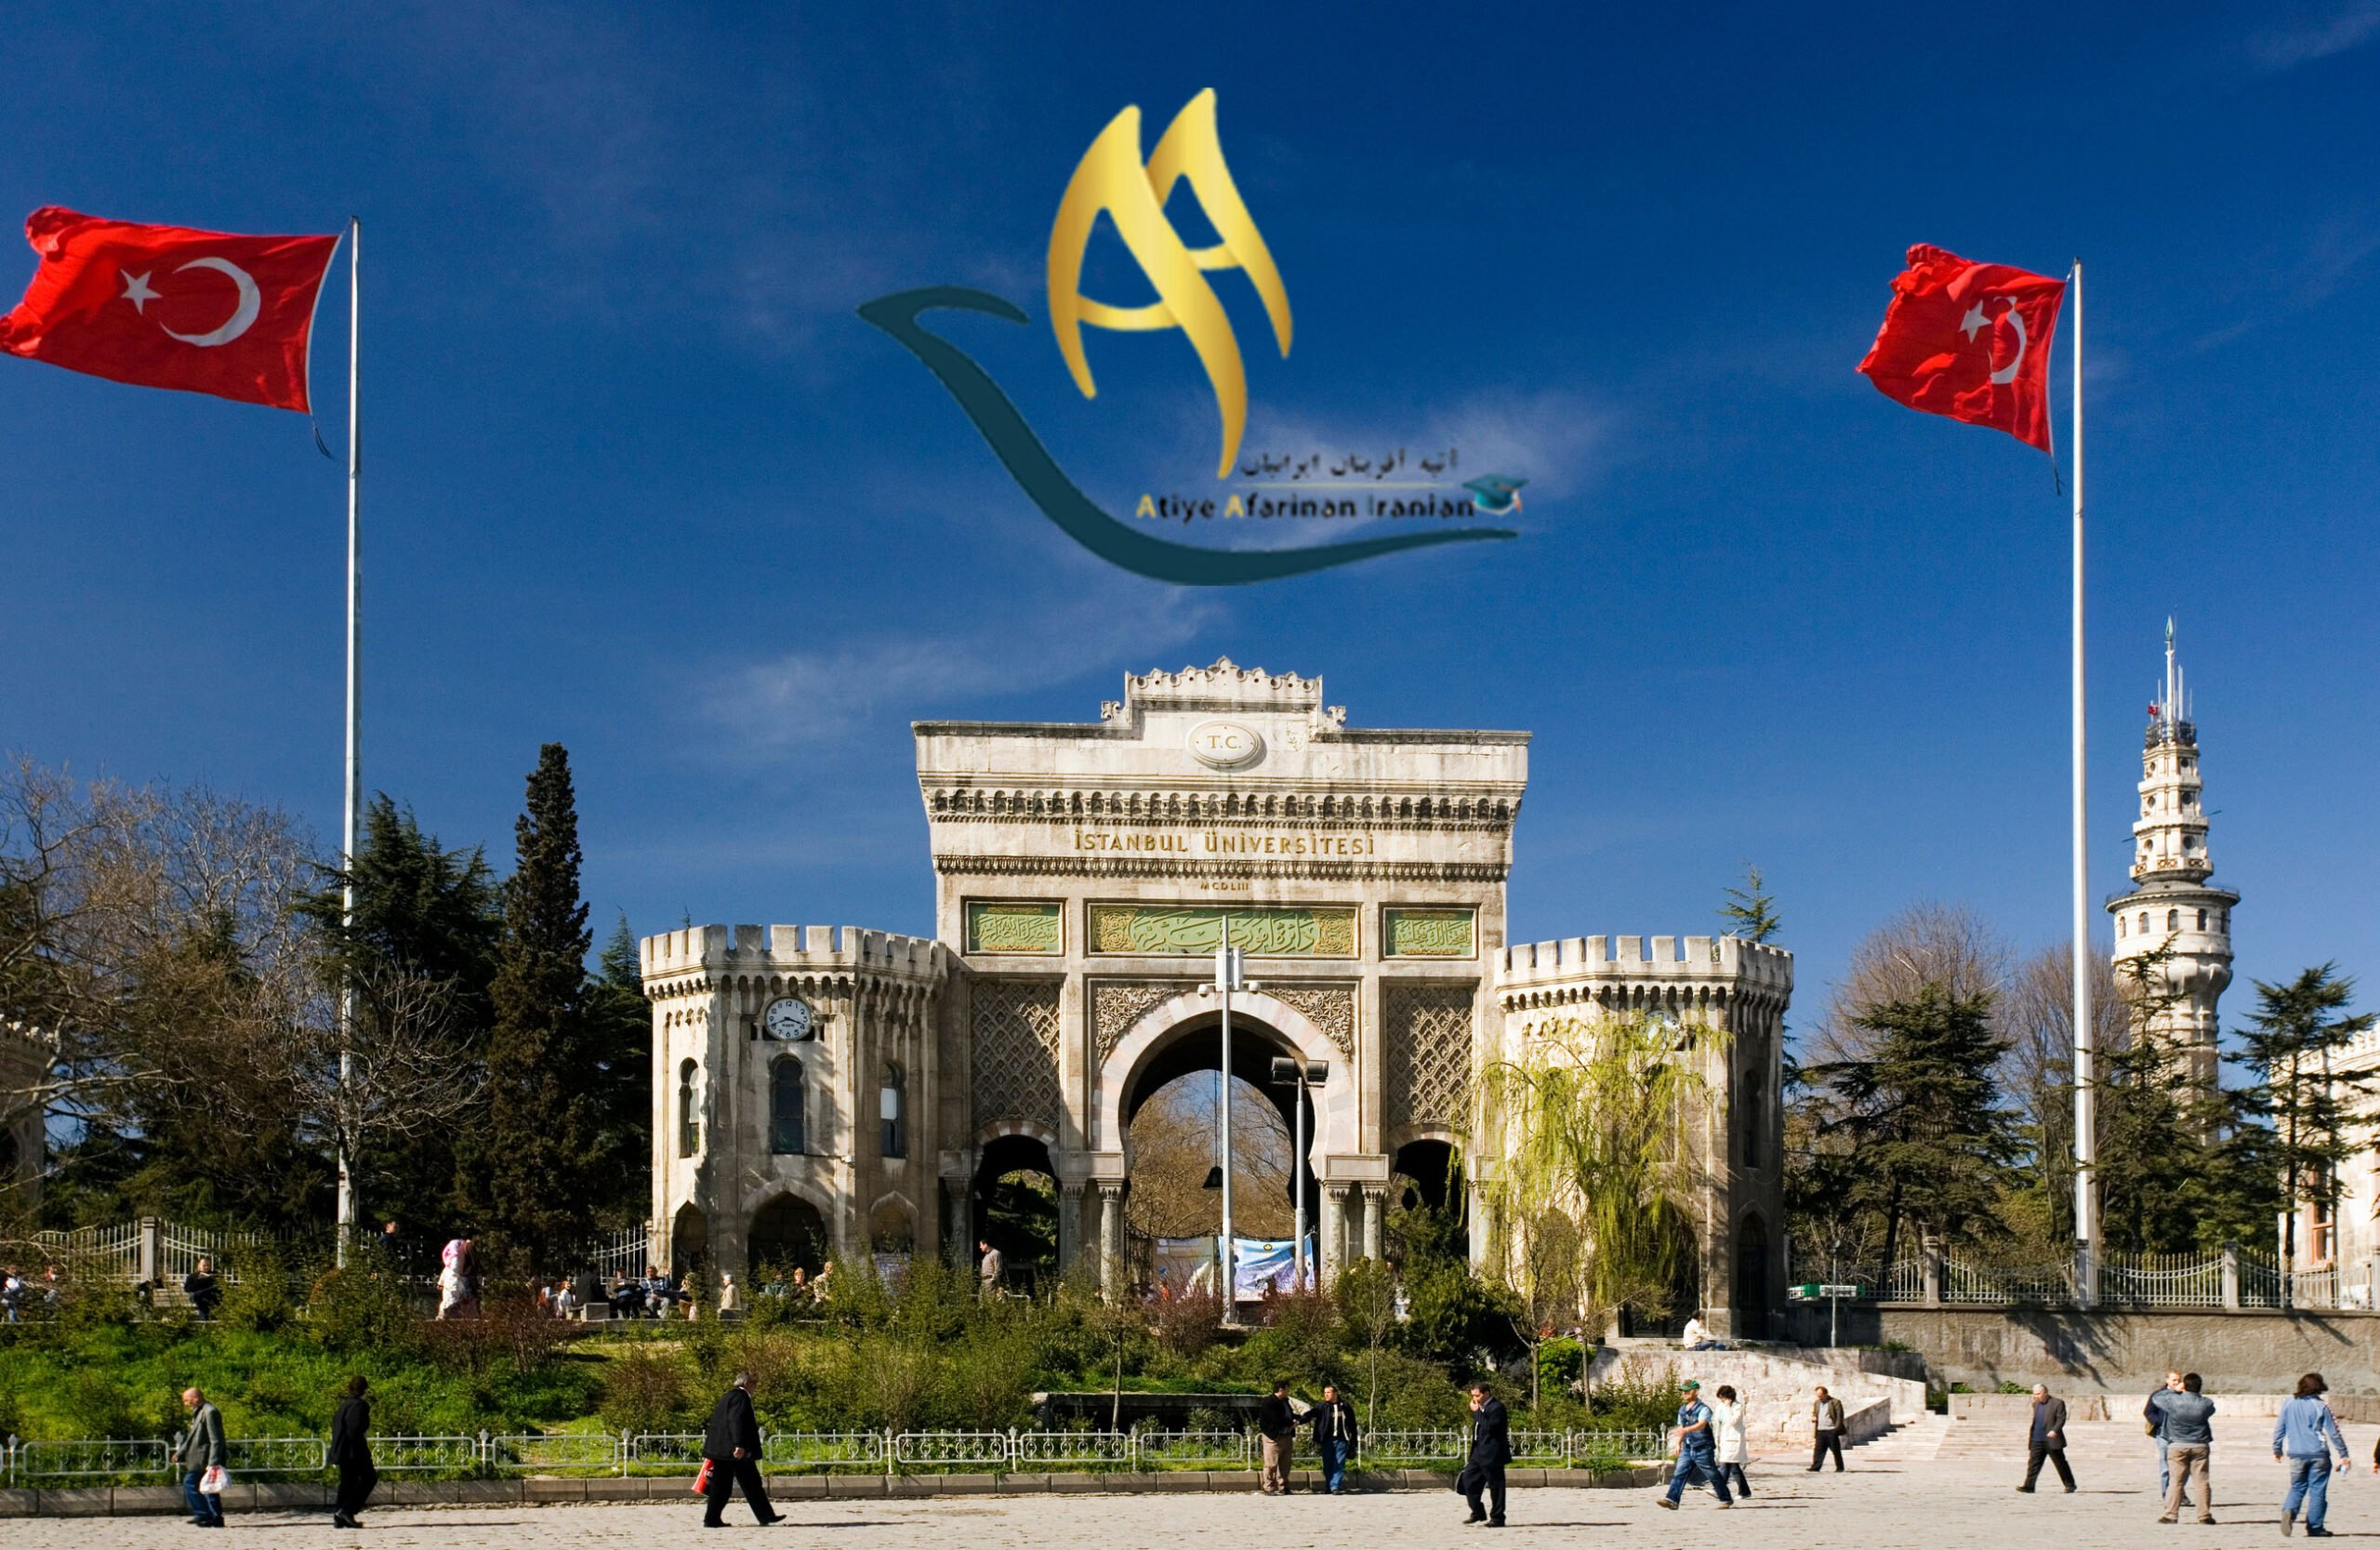 دانشگاه های مورد تایید وزارت بهداشت در ترکیه